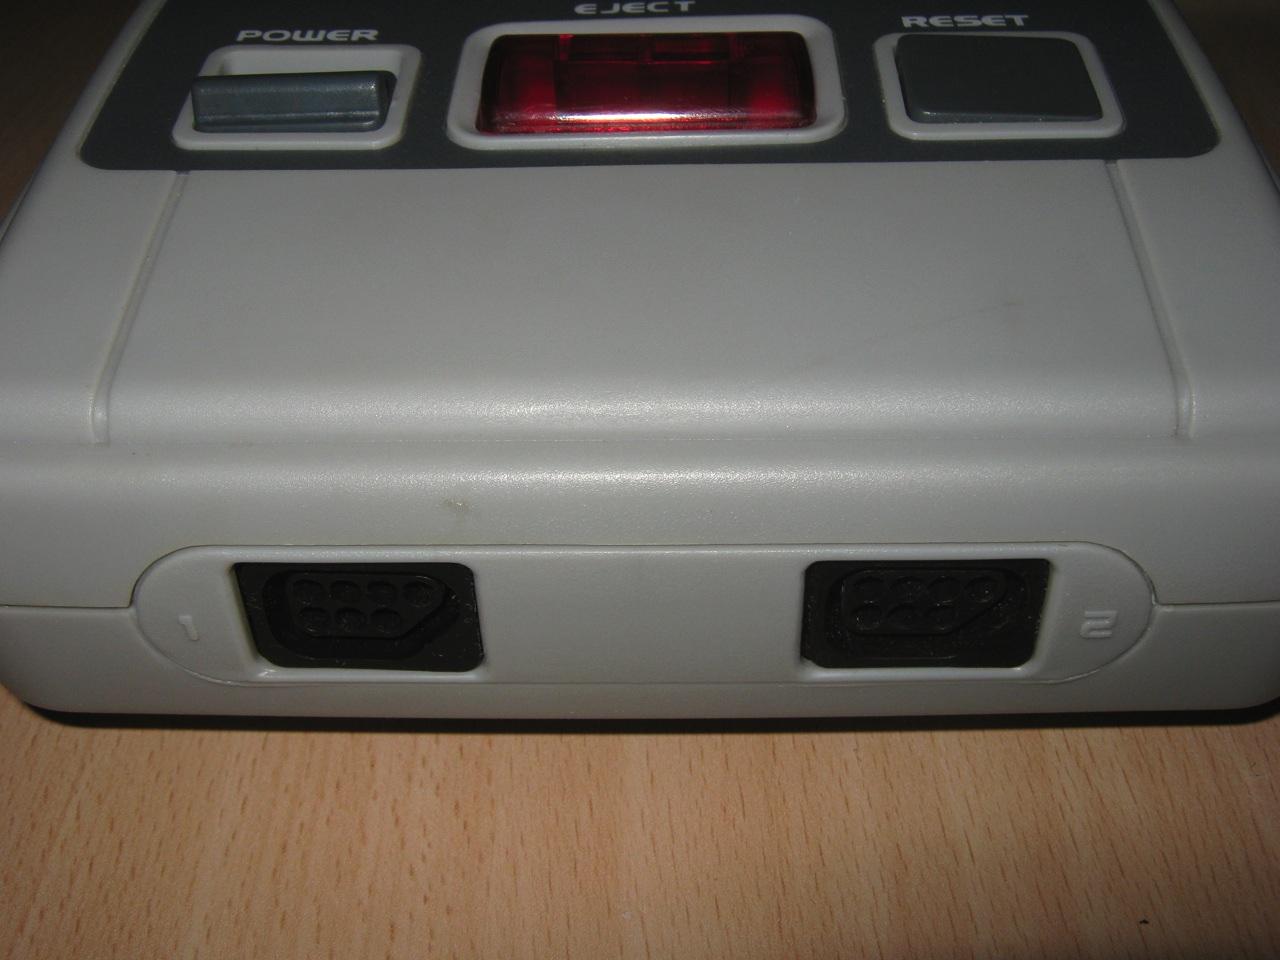 Super Com 72 (Nes on a Chip) | nIGHTFALL Blog